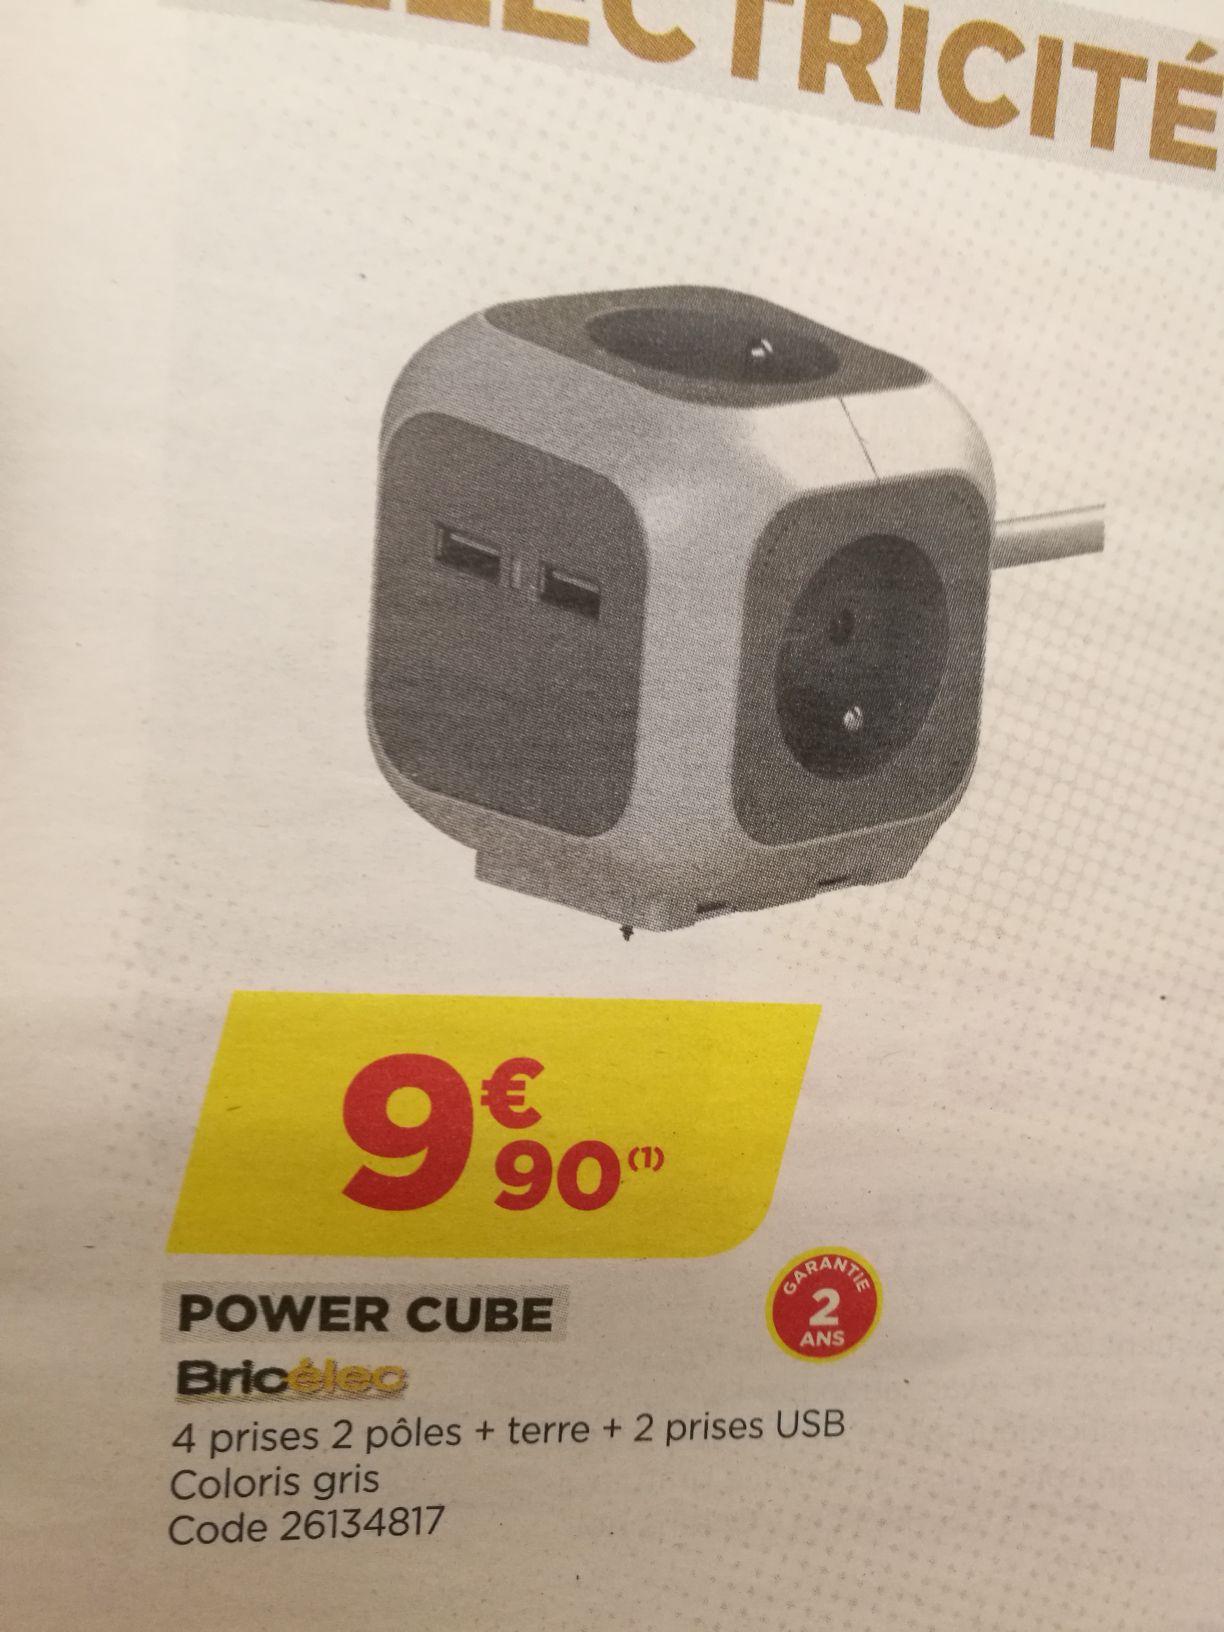 Power Cube Bricelec - 4 prises + 2 USB